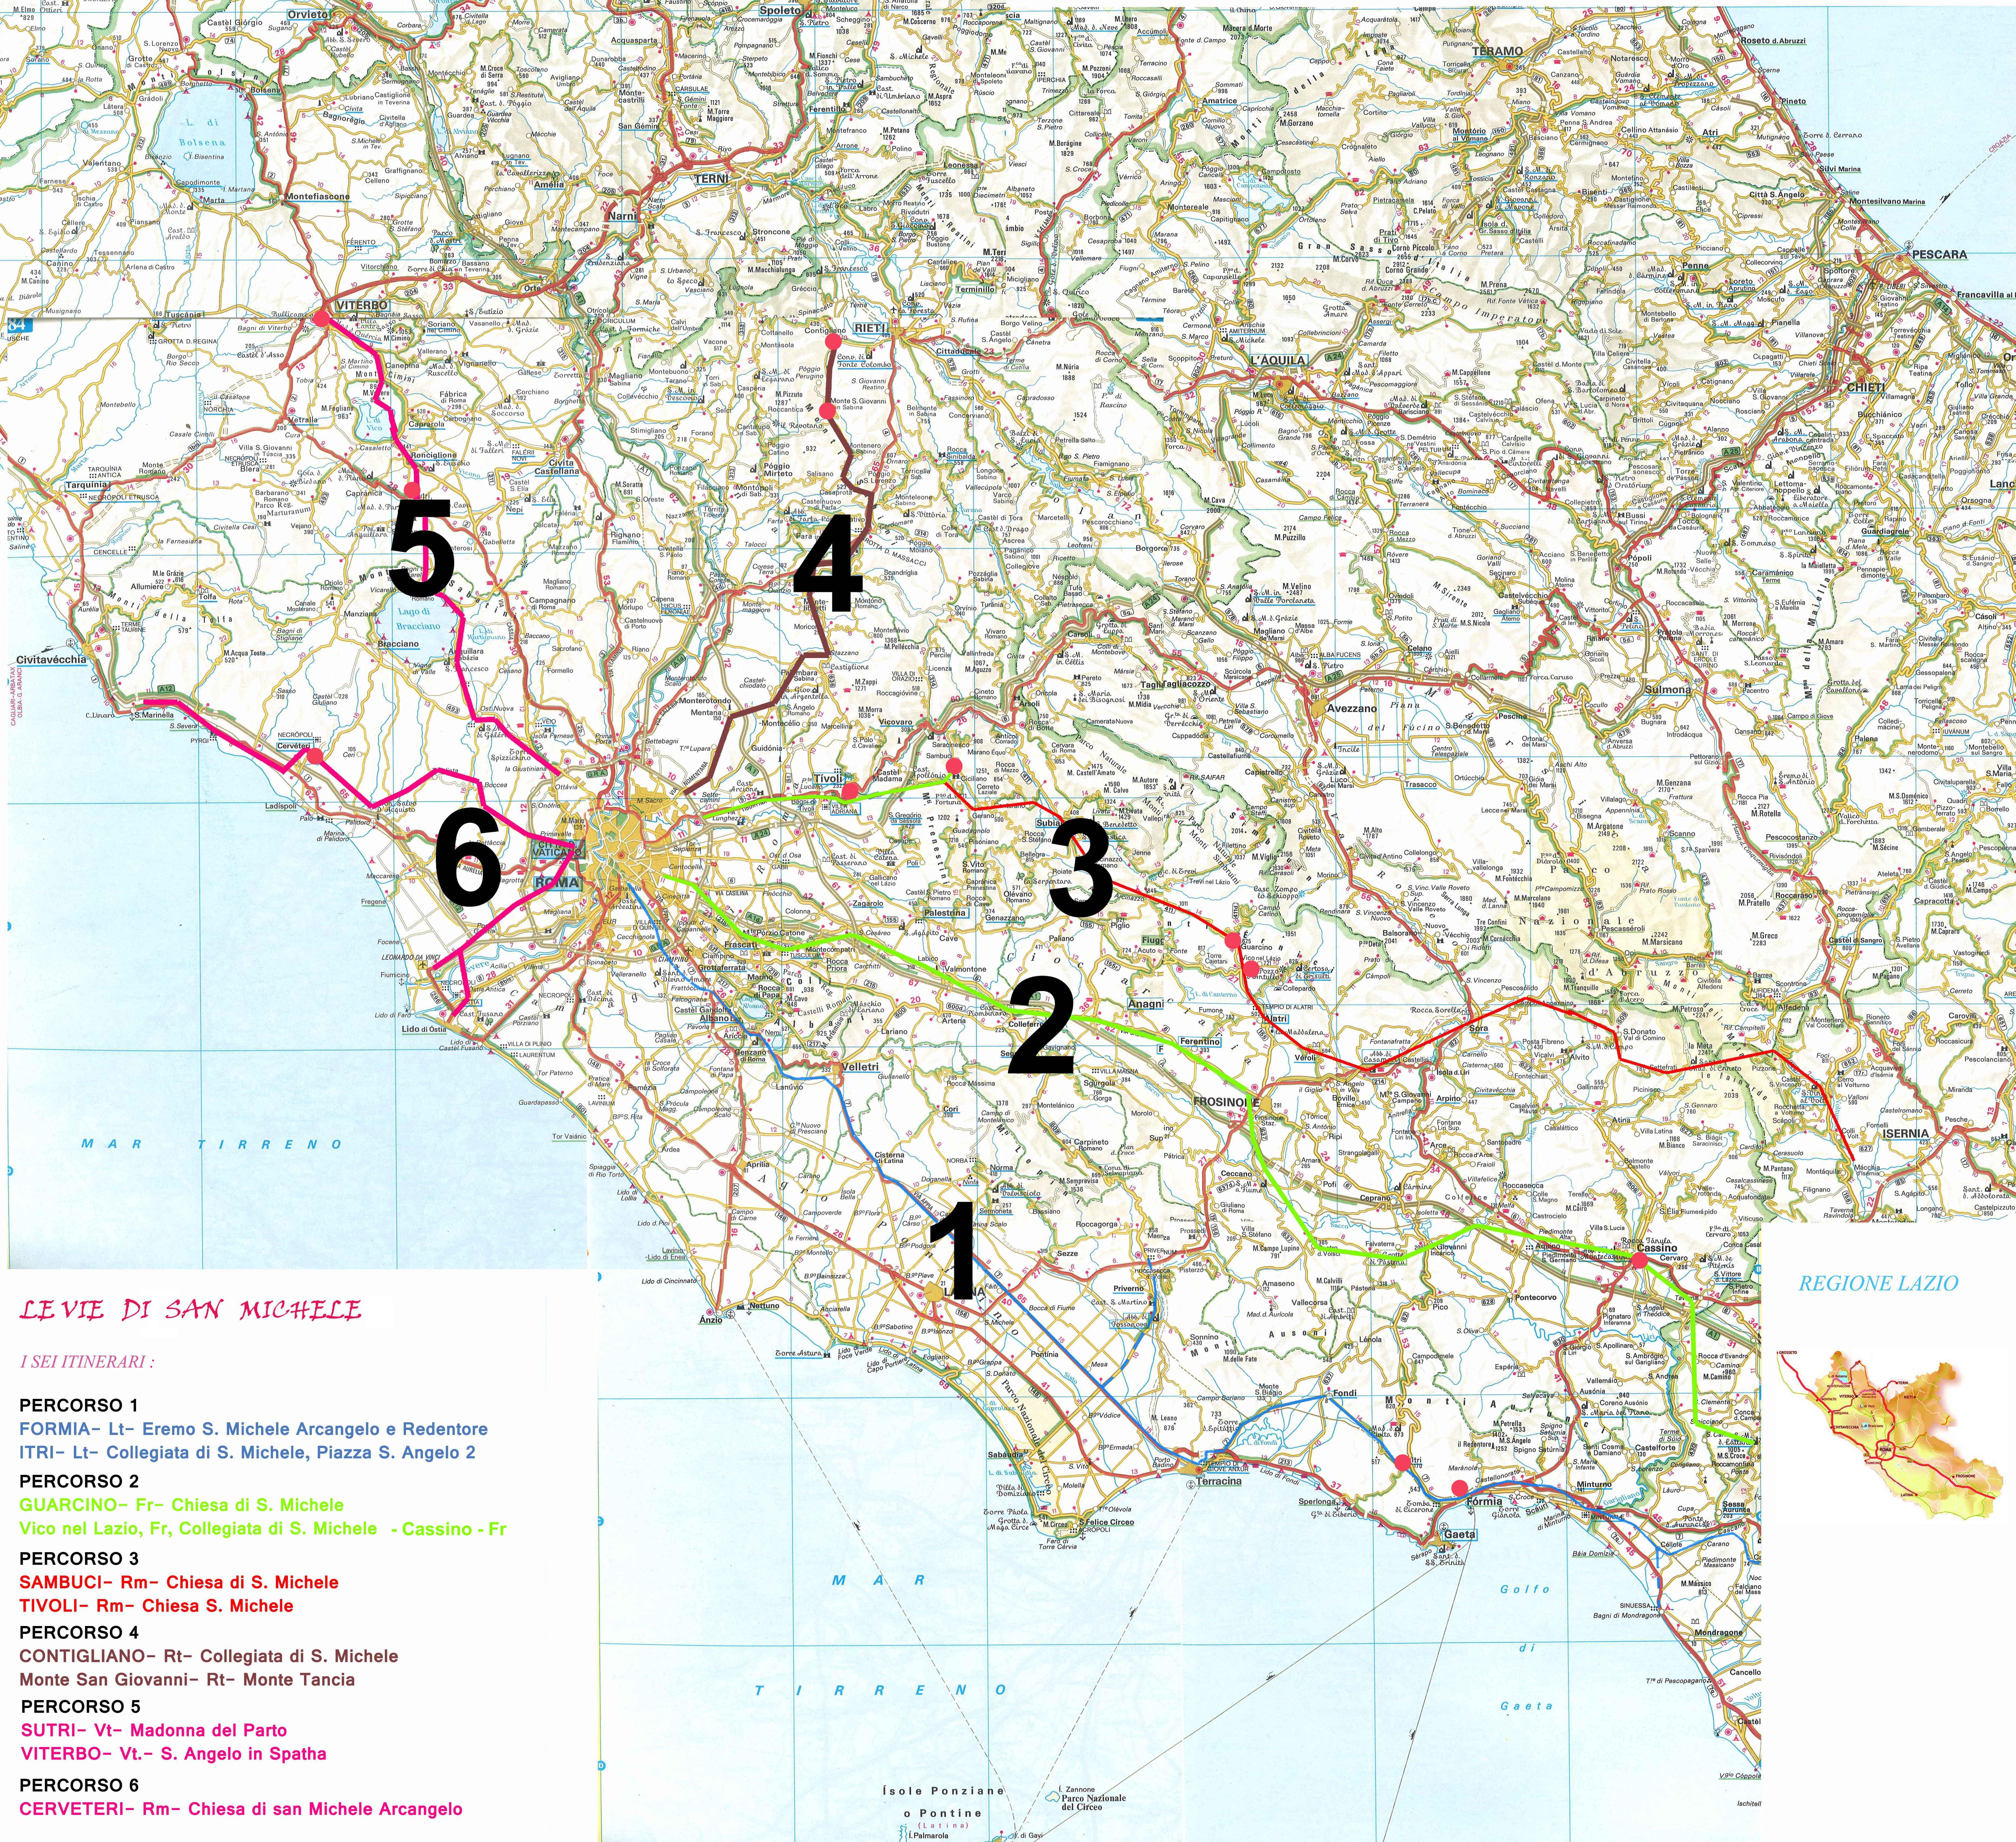 cartina  350_000  6 itinerari LAZIO sito